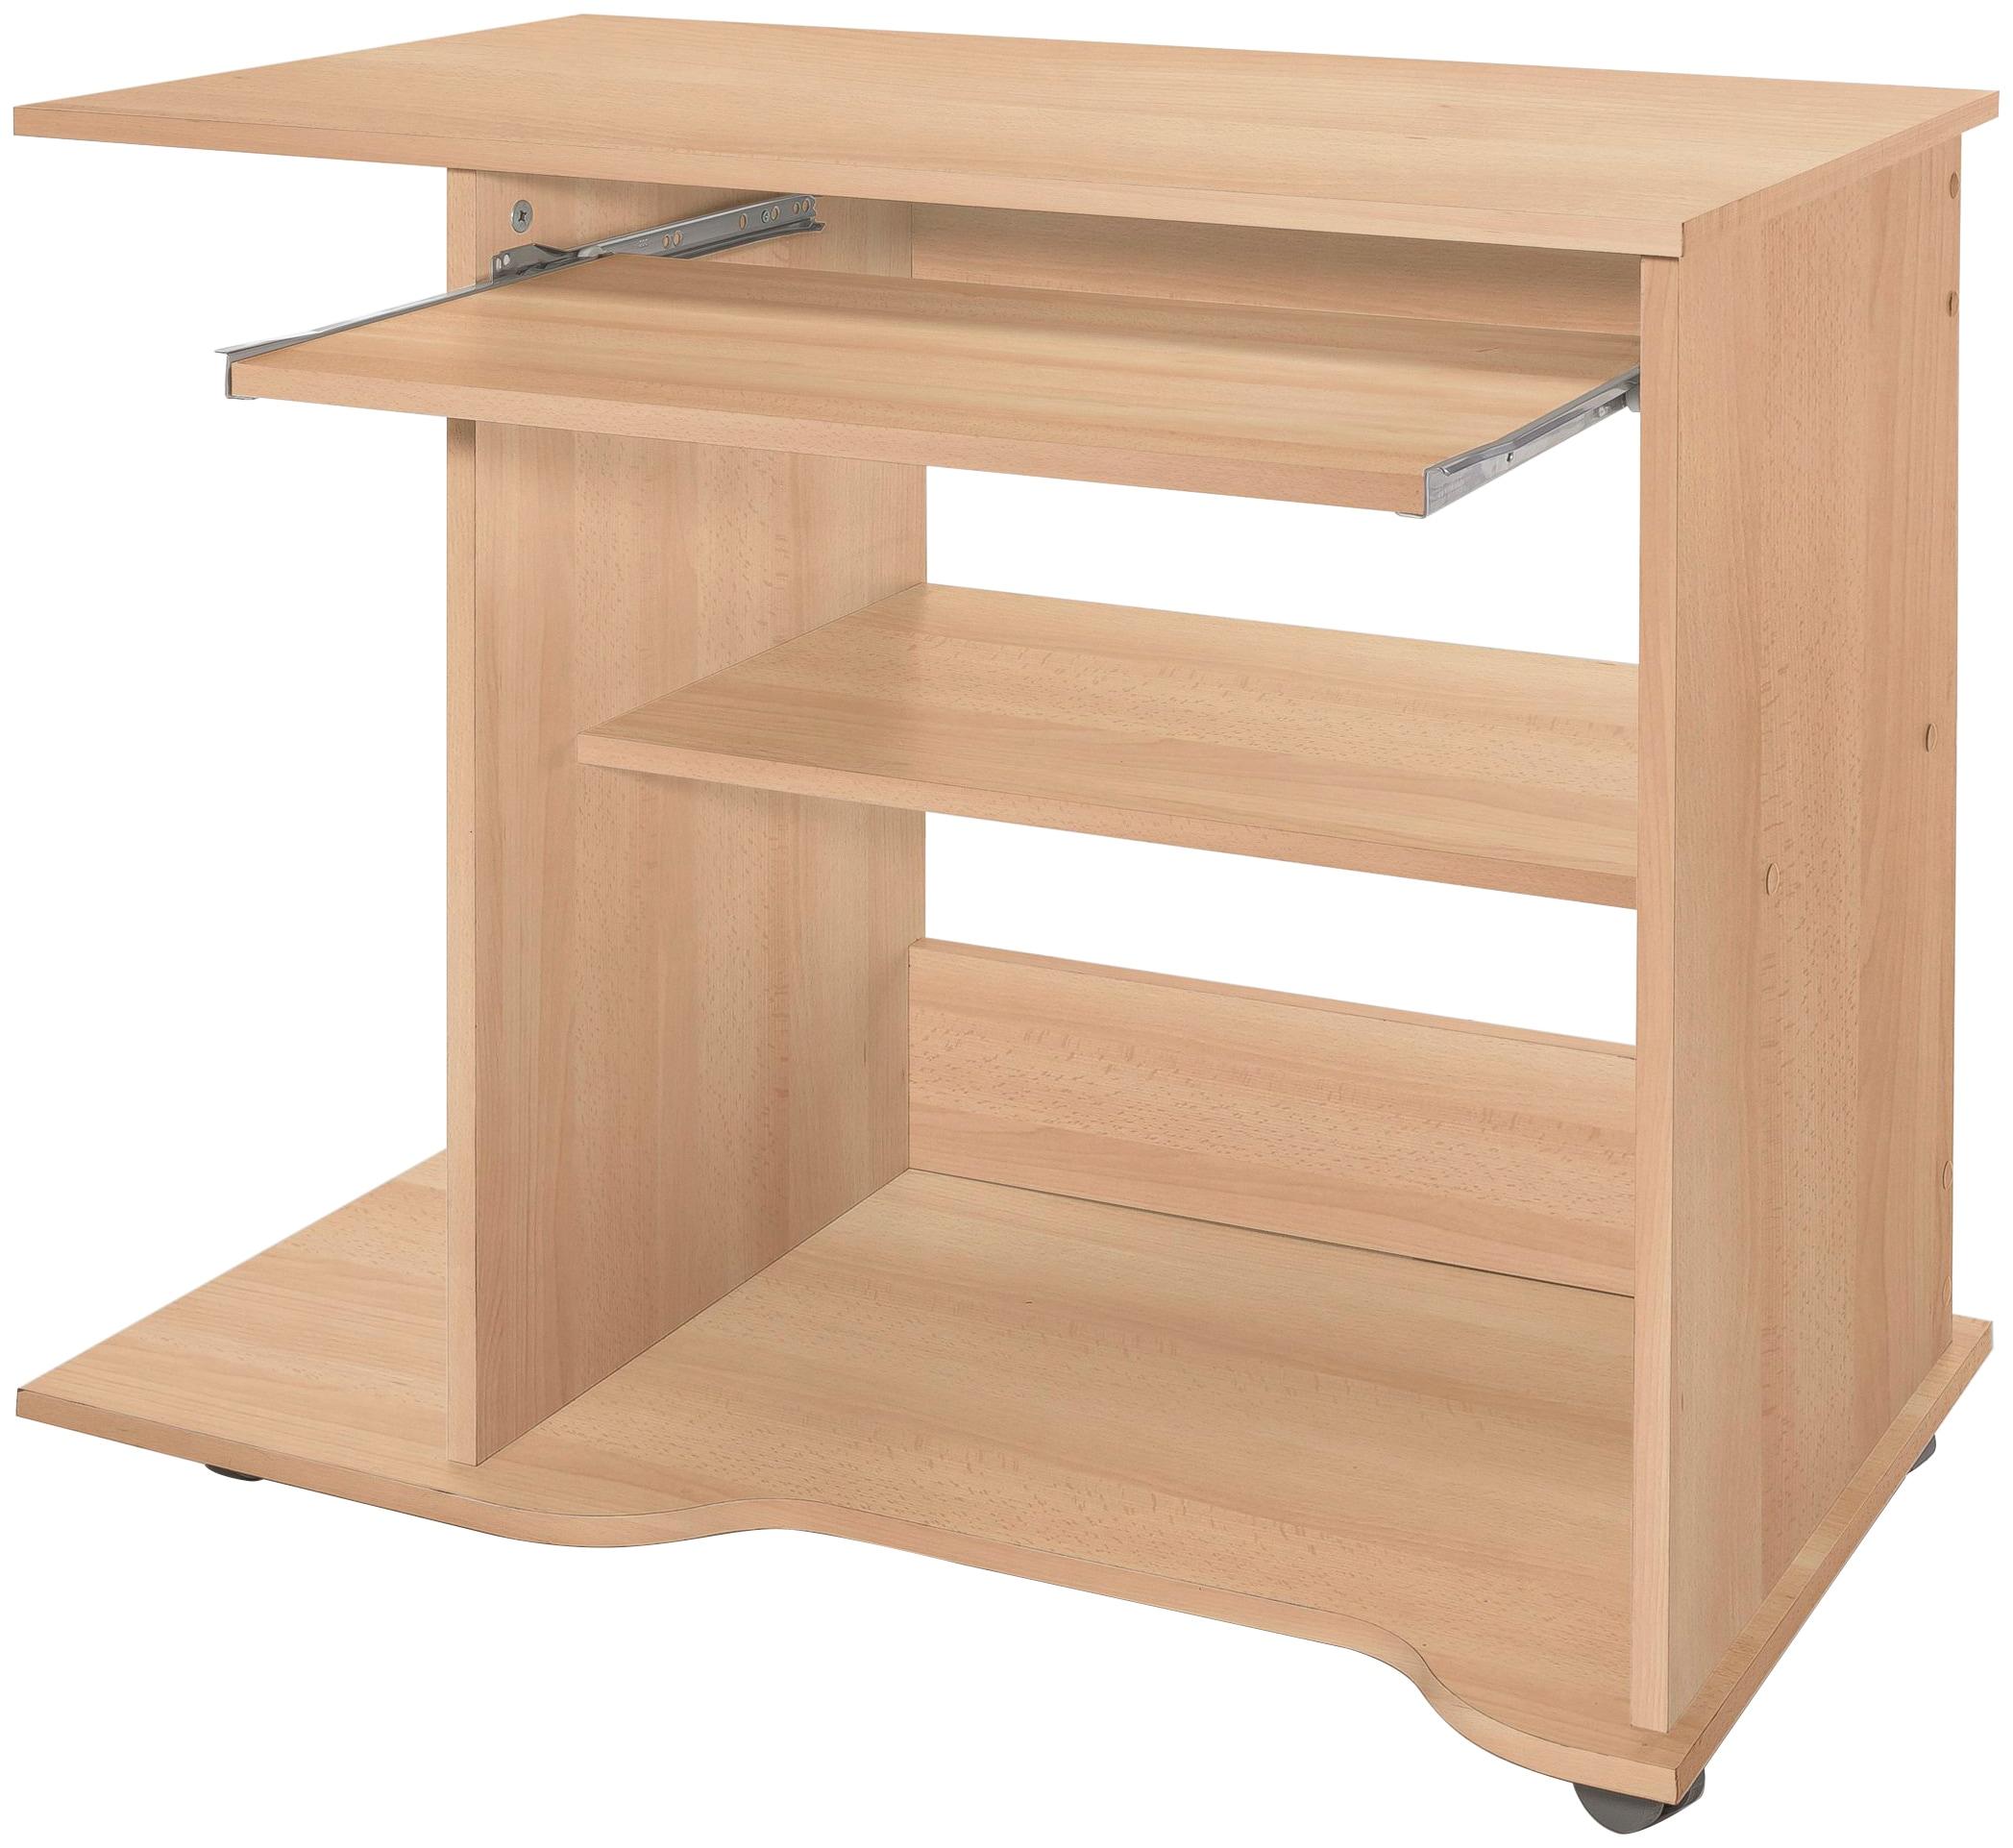 Nähmaschinen-Tisch, Maße80x50x75 cm | Flur & Diele > Haushaltsgeräte > Strick und Nähmaschinen | Braun | Holzwerkstoff | QUELLE